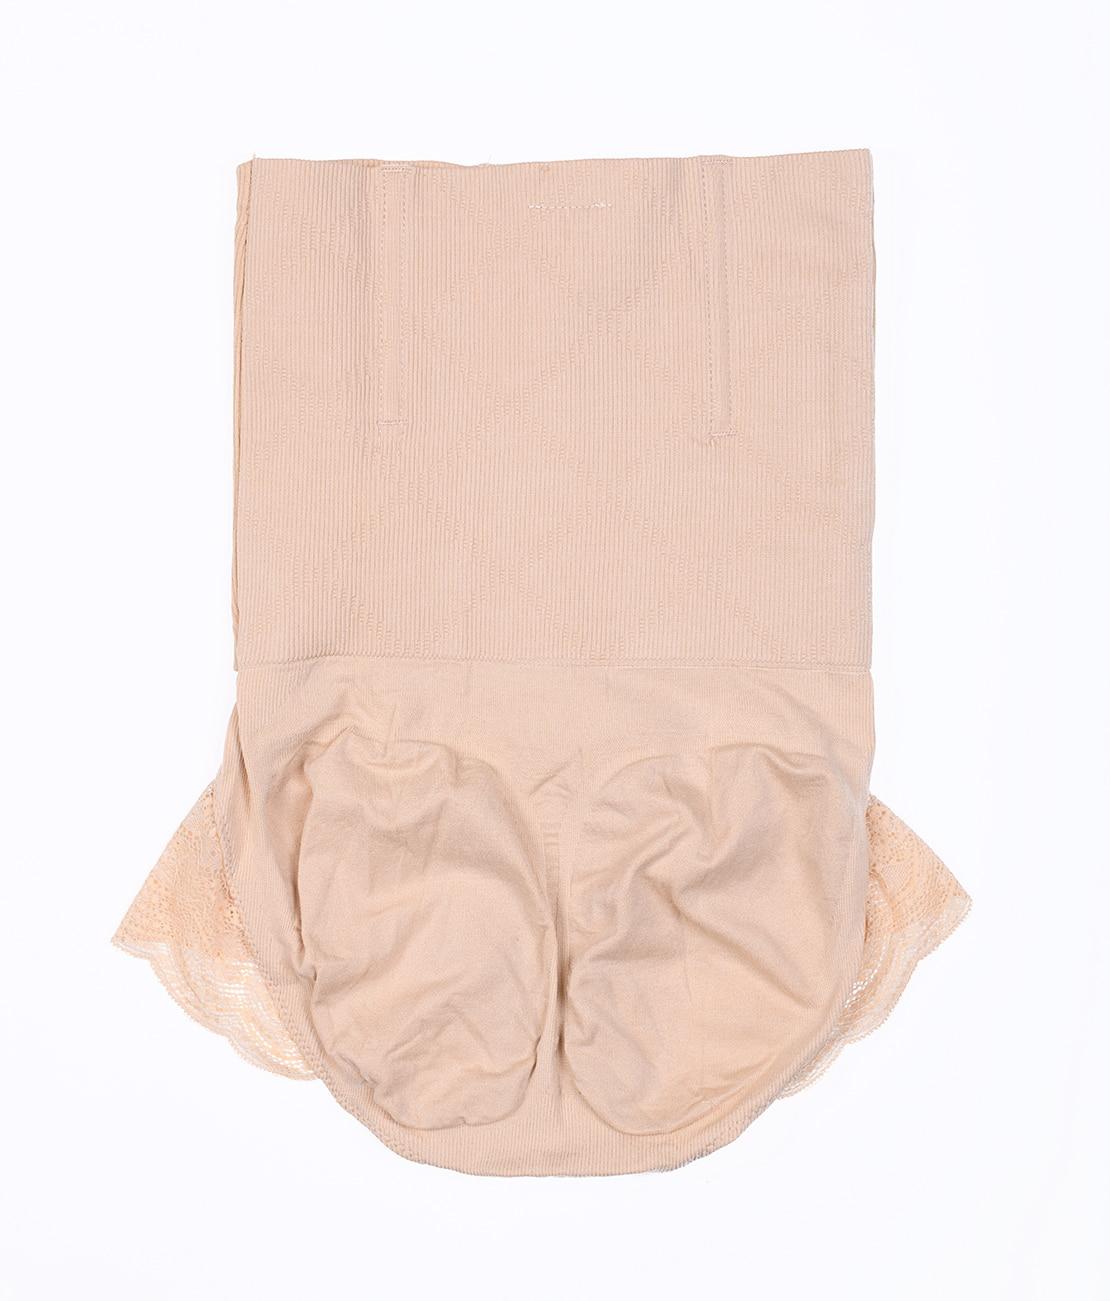 Culotte Push Up Beige Packshot Back